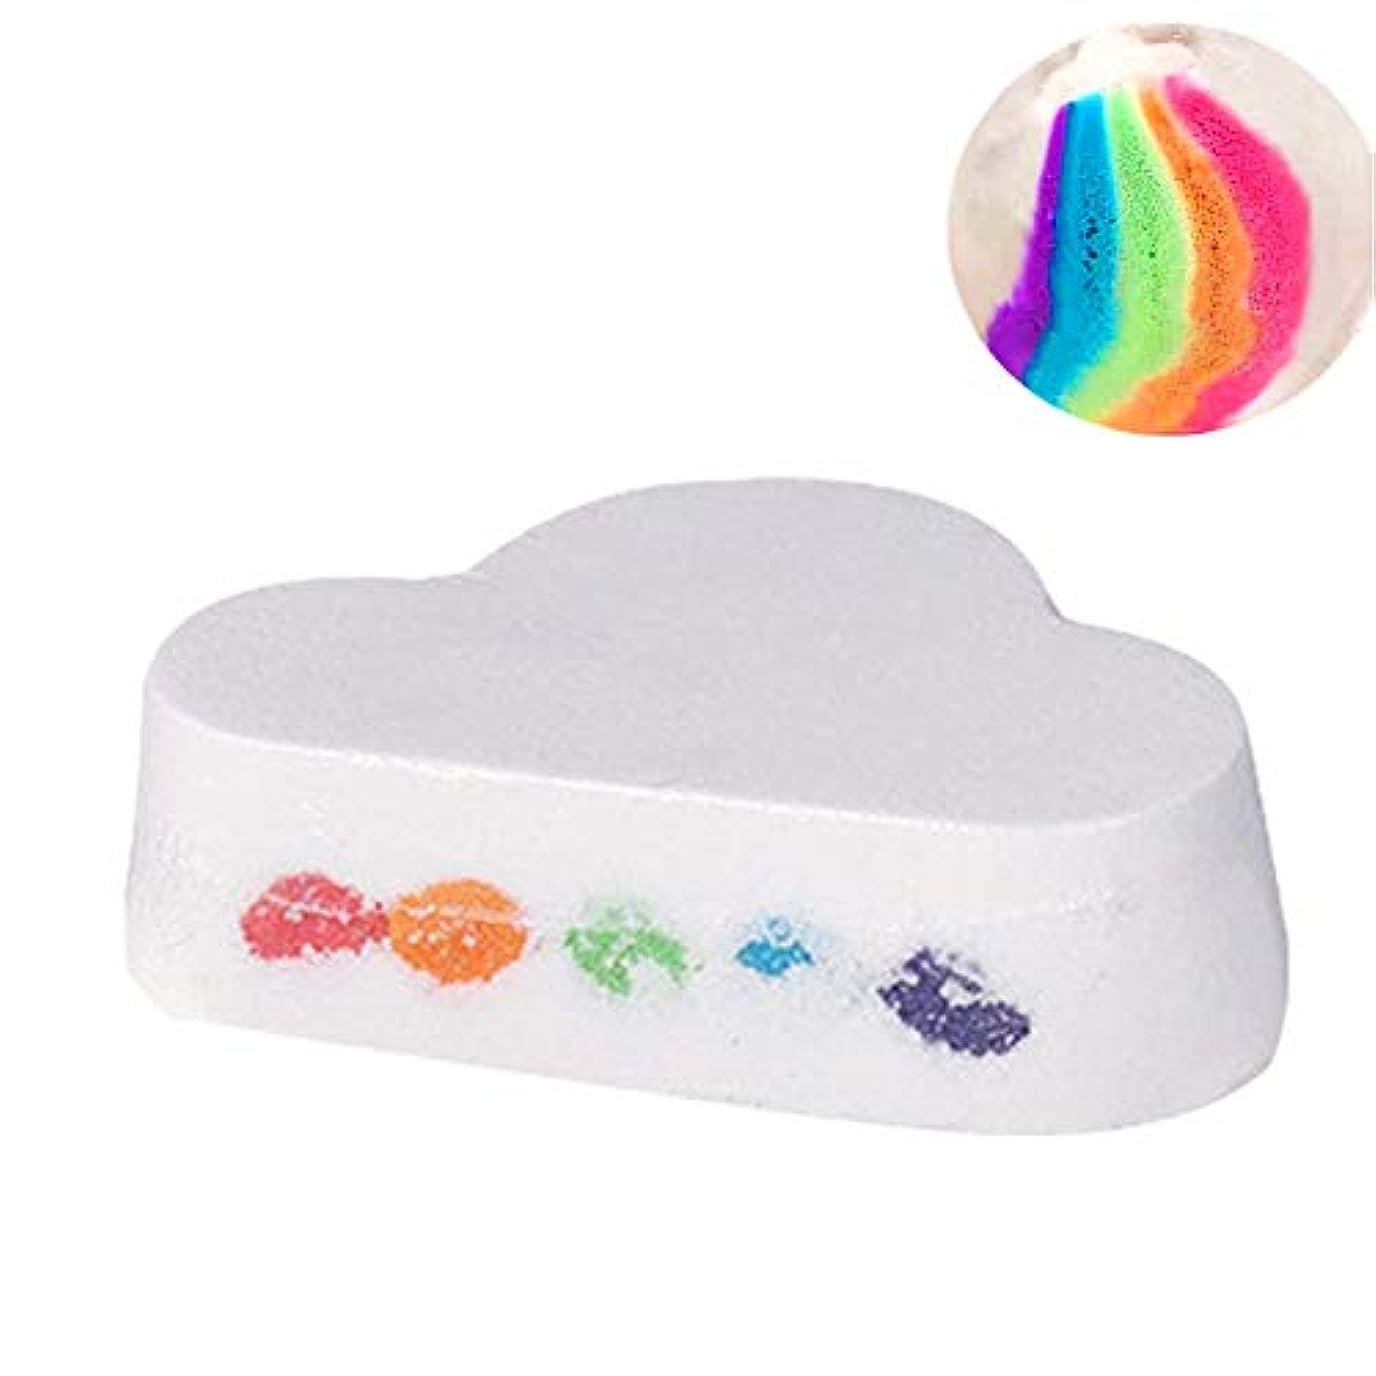 ビーム展望台生命体レインボー クラウド 入浴ボール 入浴剤 風呂泡の泡立った浮遊物 虹色 女性用保湿スキンギフト